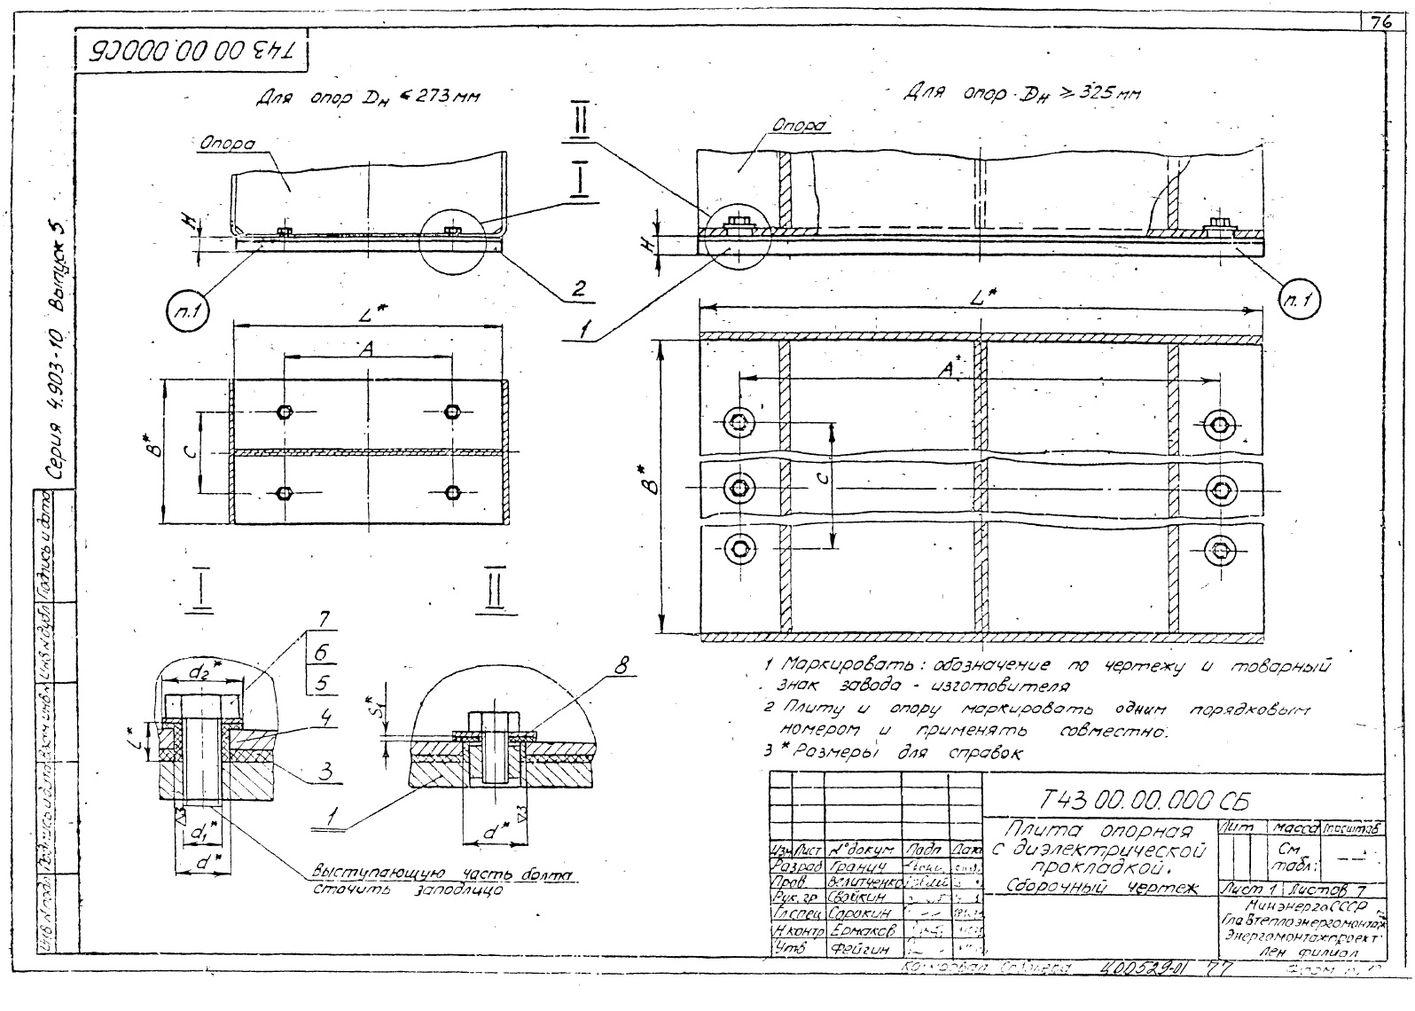 Плиты опорные с диэлектрической прокладкой Т43 серия 4.903-10 вып.5 стр.1